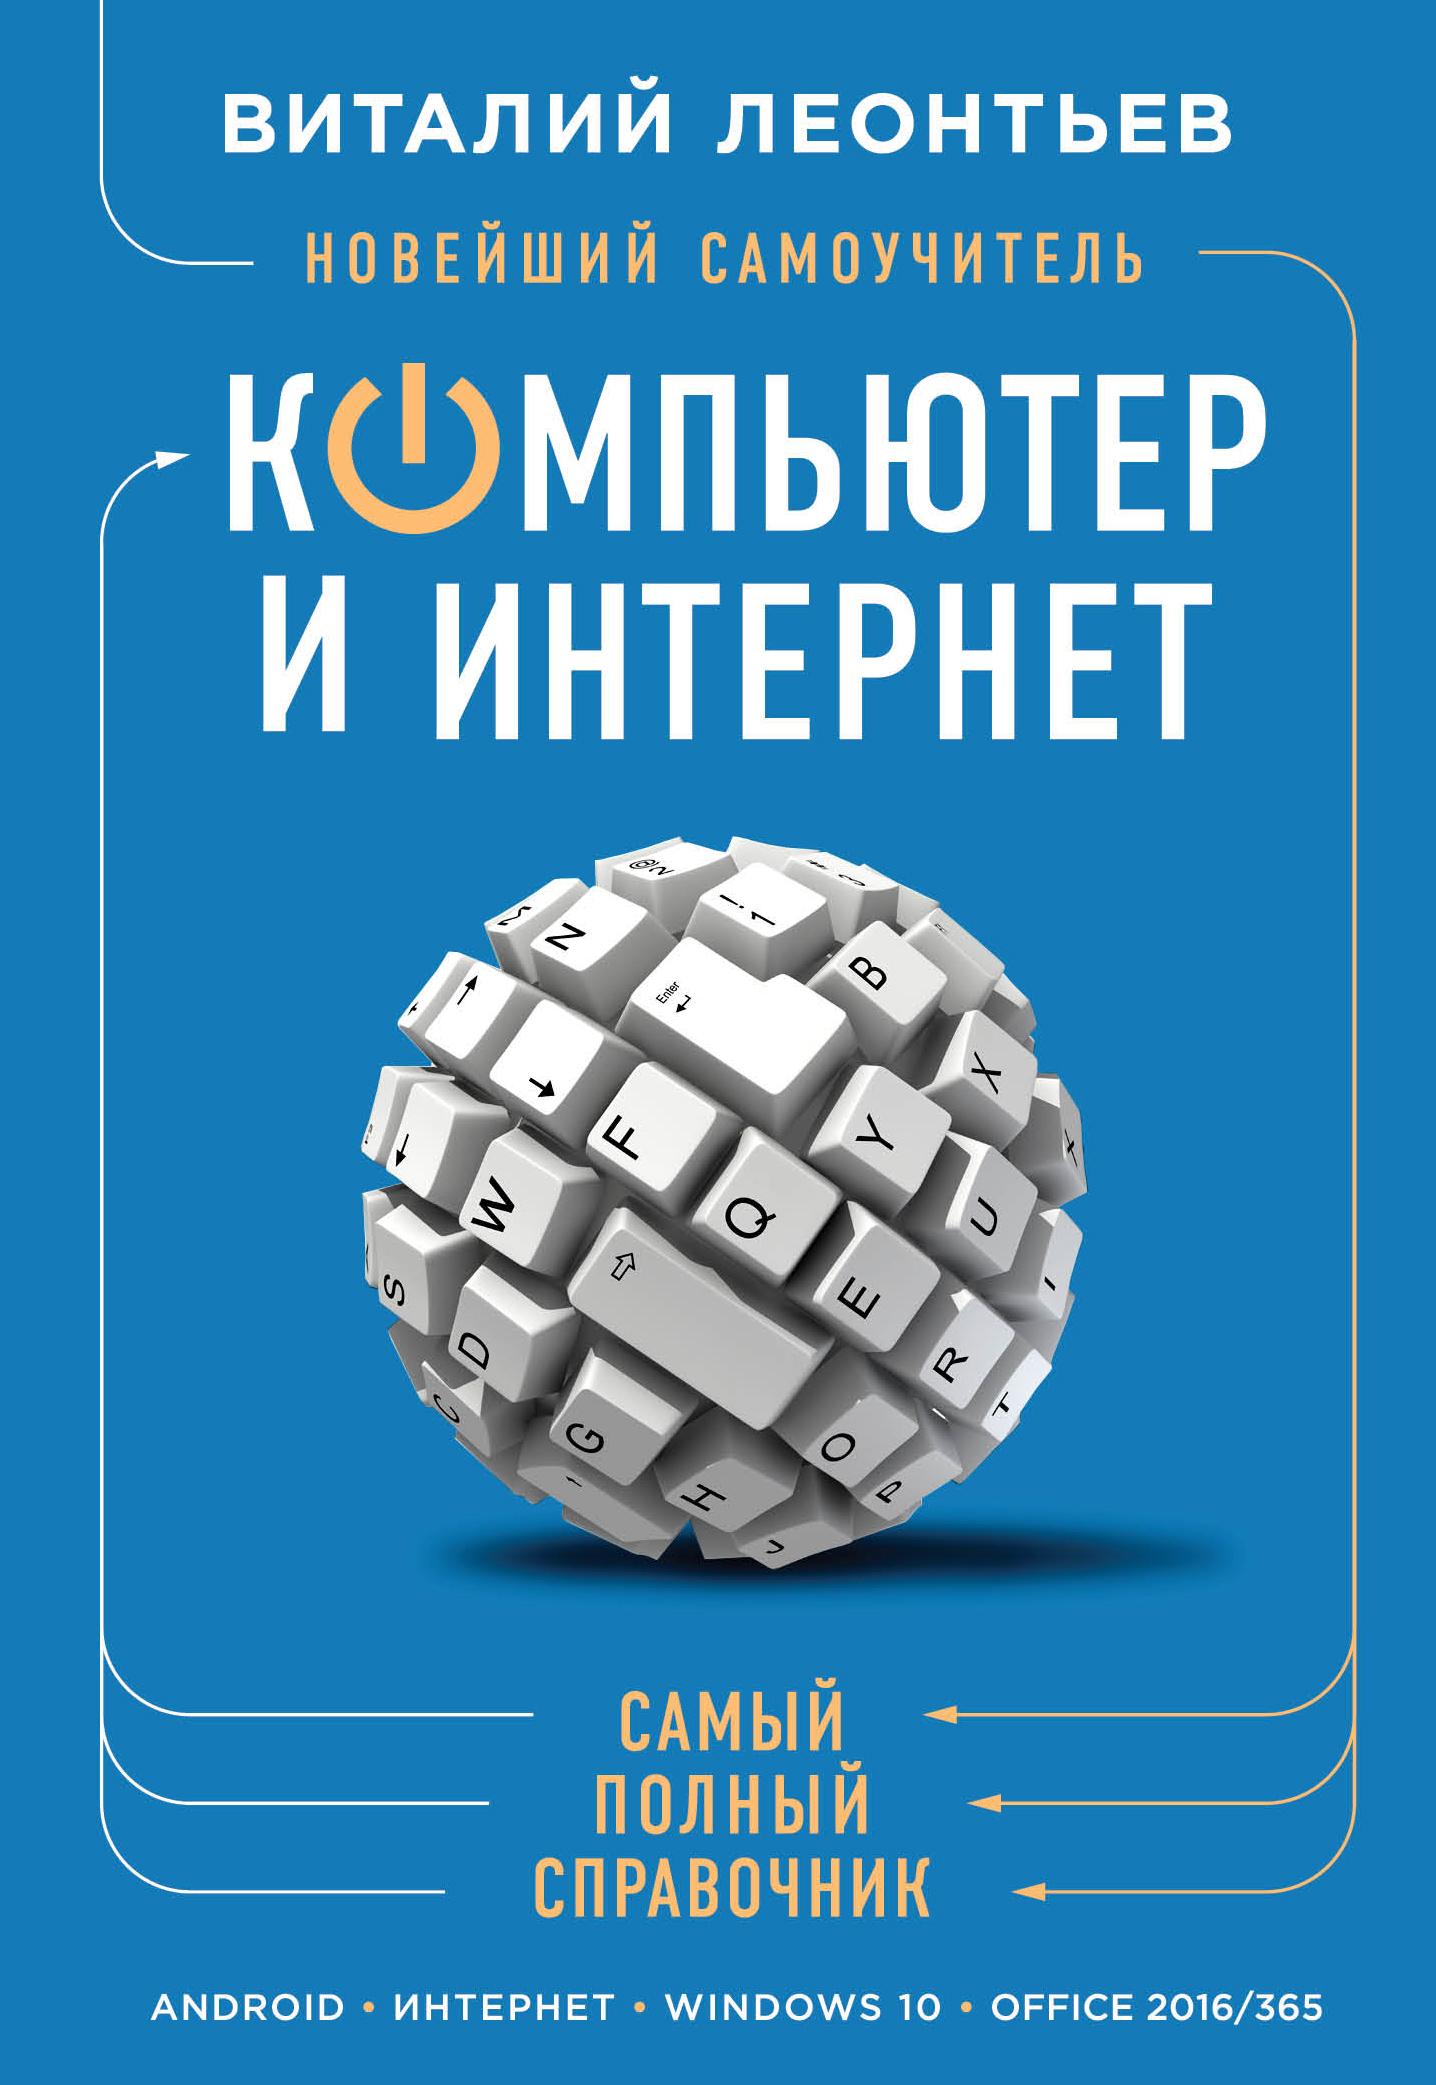 Леонтьев Виталий Петрович Новейший самоучитель. Компьютер и интернет книги эксмо новейший самоучитель компьютер и интернет 2016